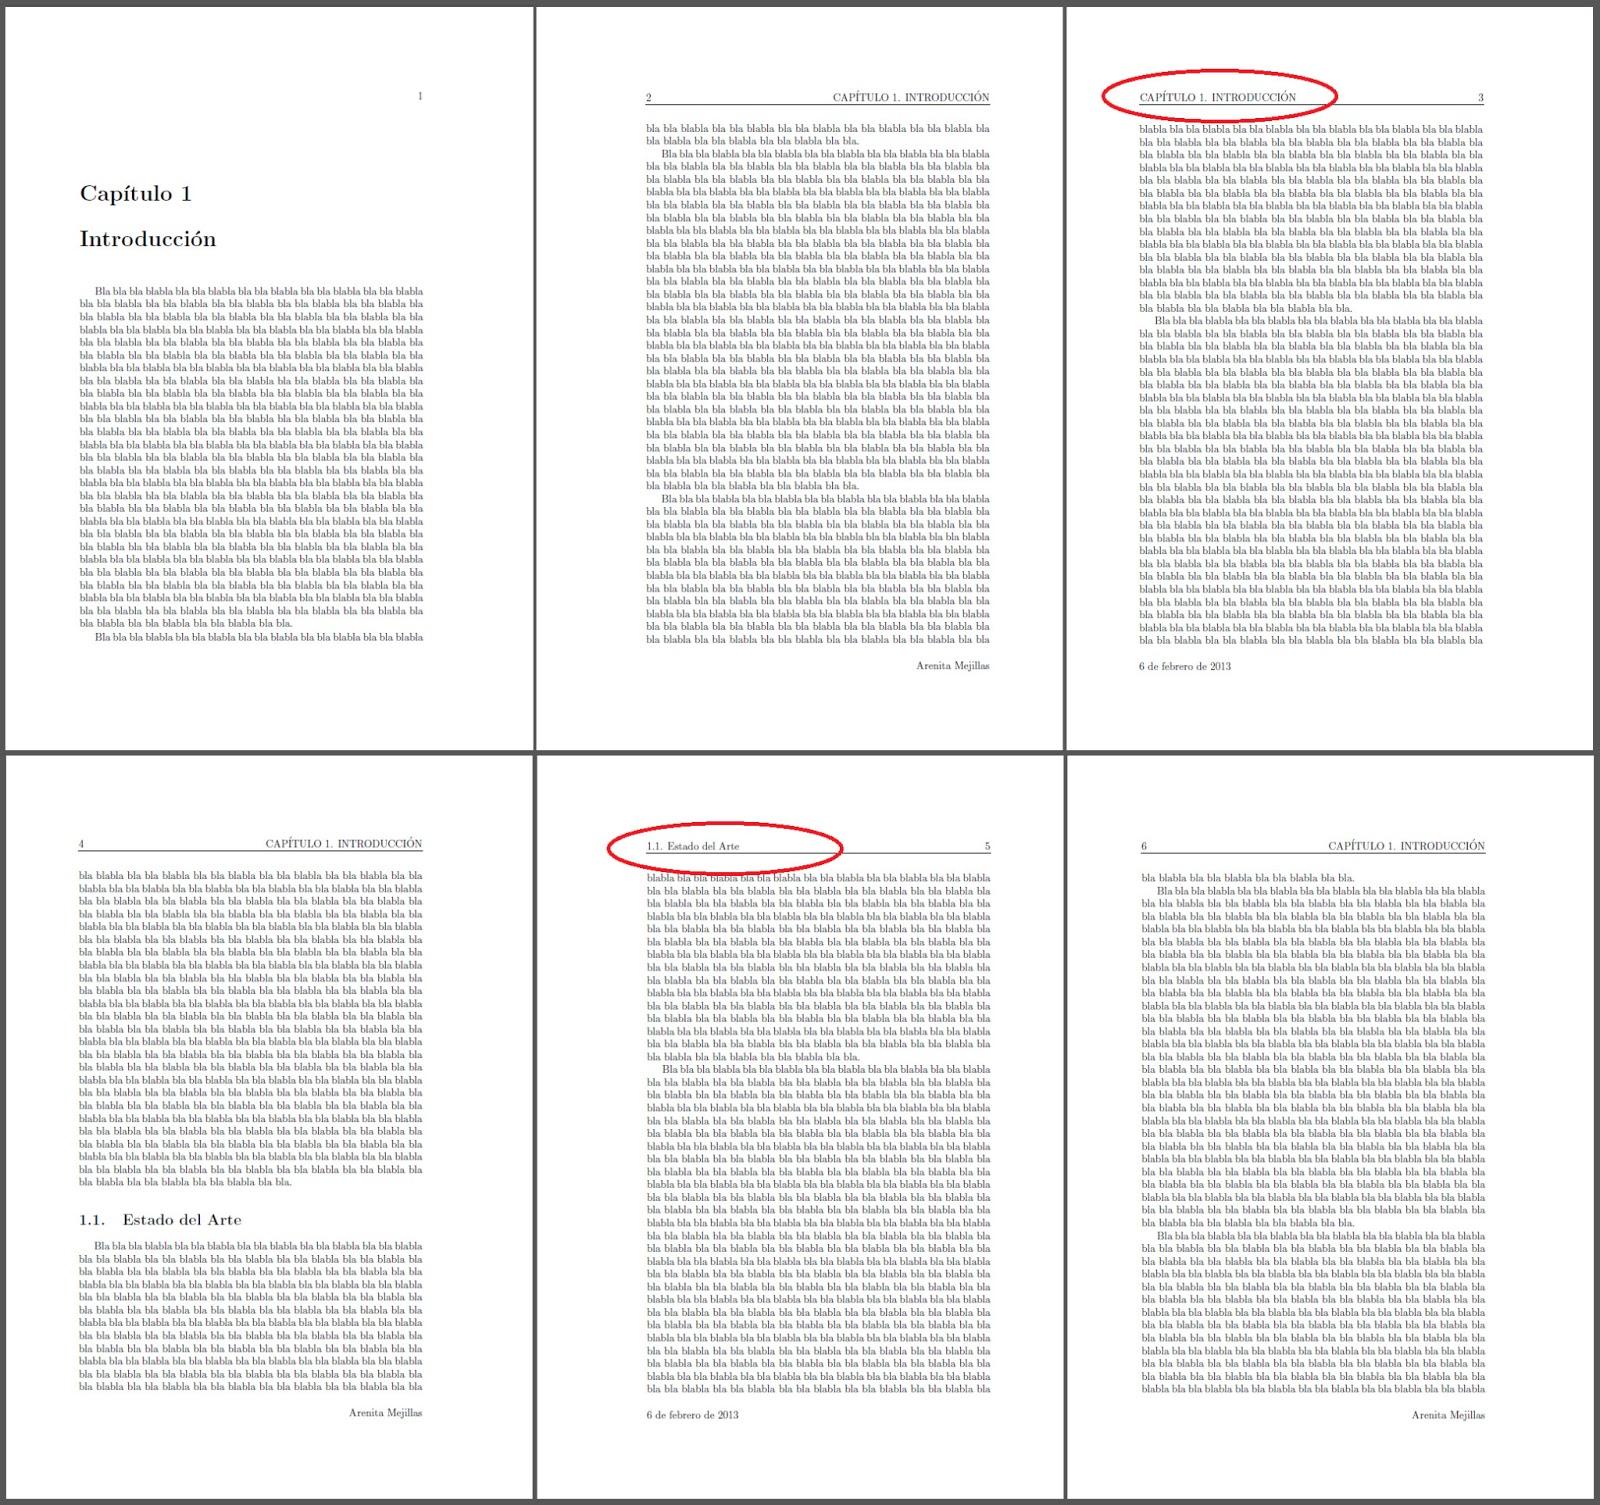 Aprendiendo LaTeX: Encabezados y pies de página en LaTeX